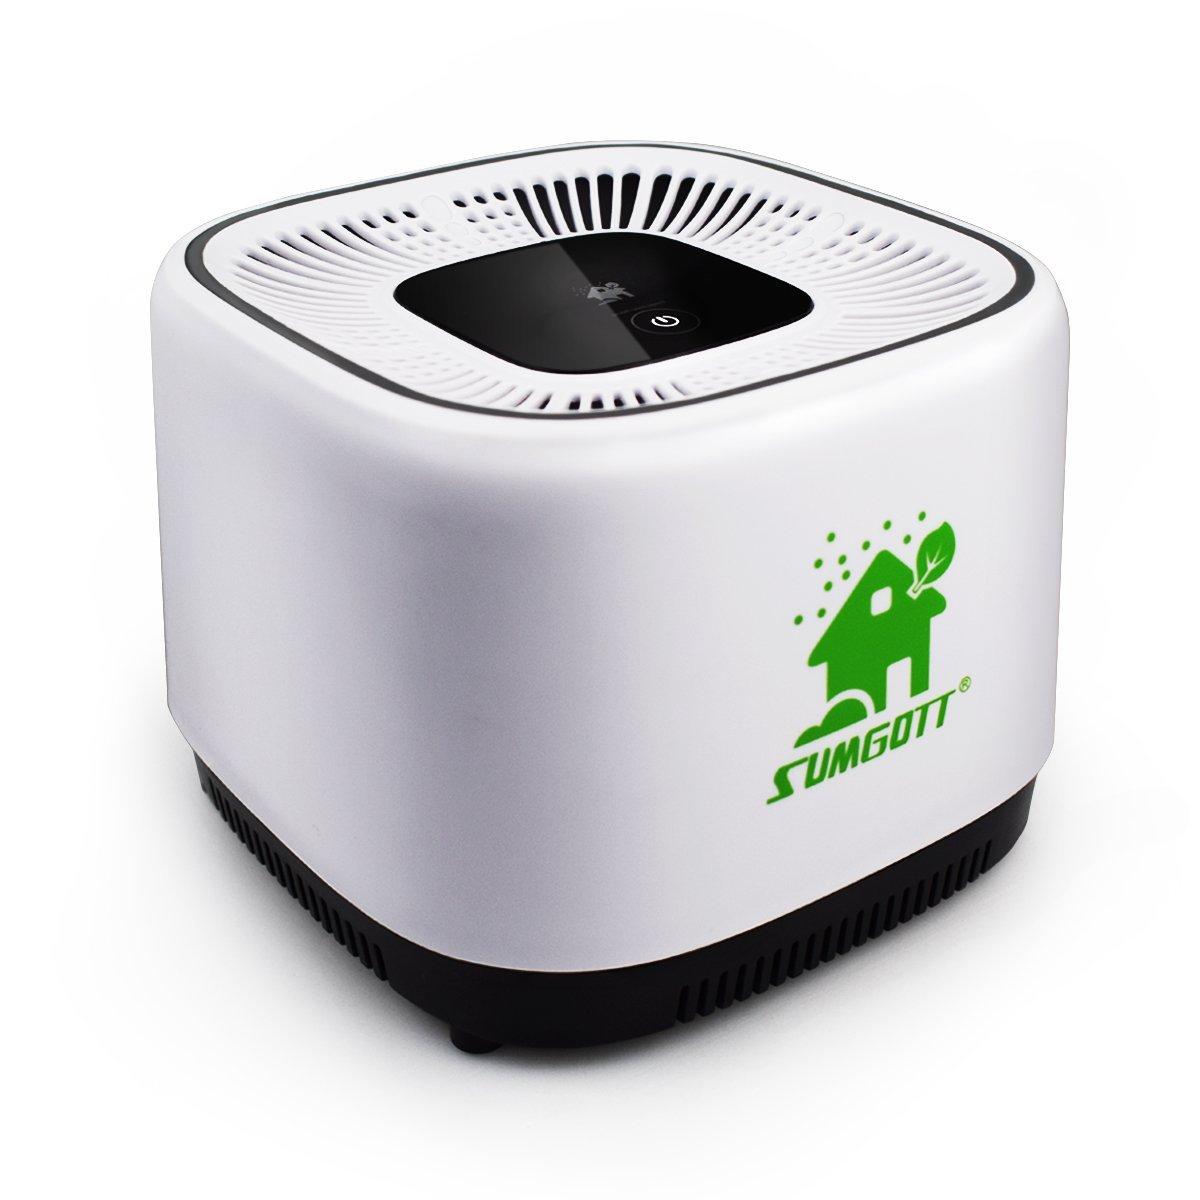 Purificateur d'air Sumgott avec filtre à charbon (vendeur tiers)